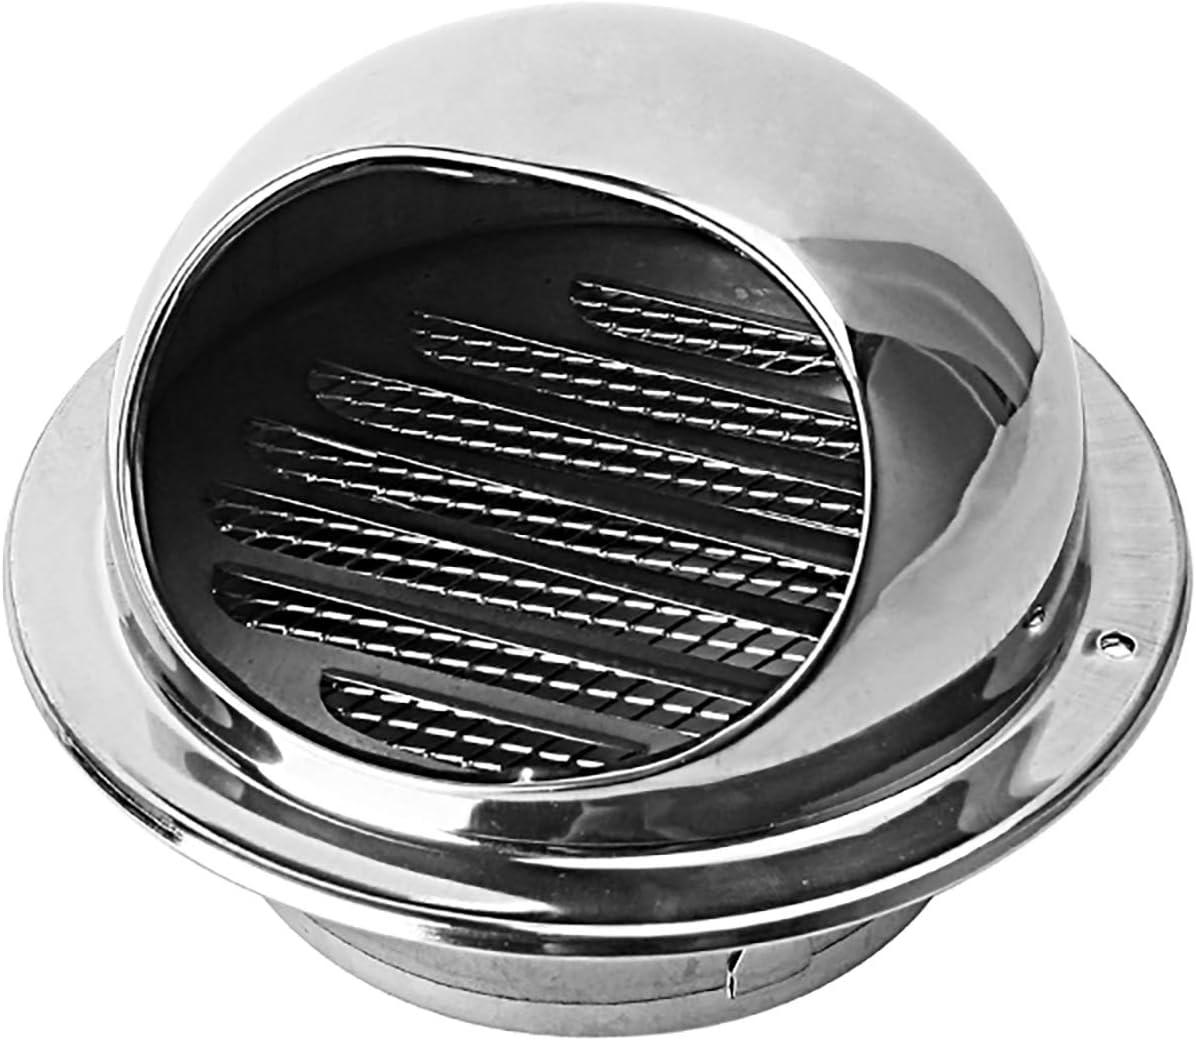 QWEASDF Acero Inoxidable Ventilación de Aire Redondo Cubierta de ventilación Cubierta de ventilación Outlet Hood Bull Torno Extractor Externo Pared para Cocina y baño (Ø60-200mm),120mm